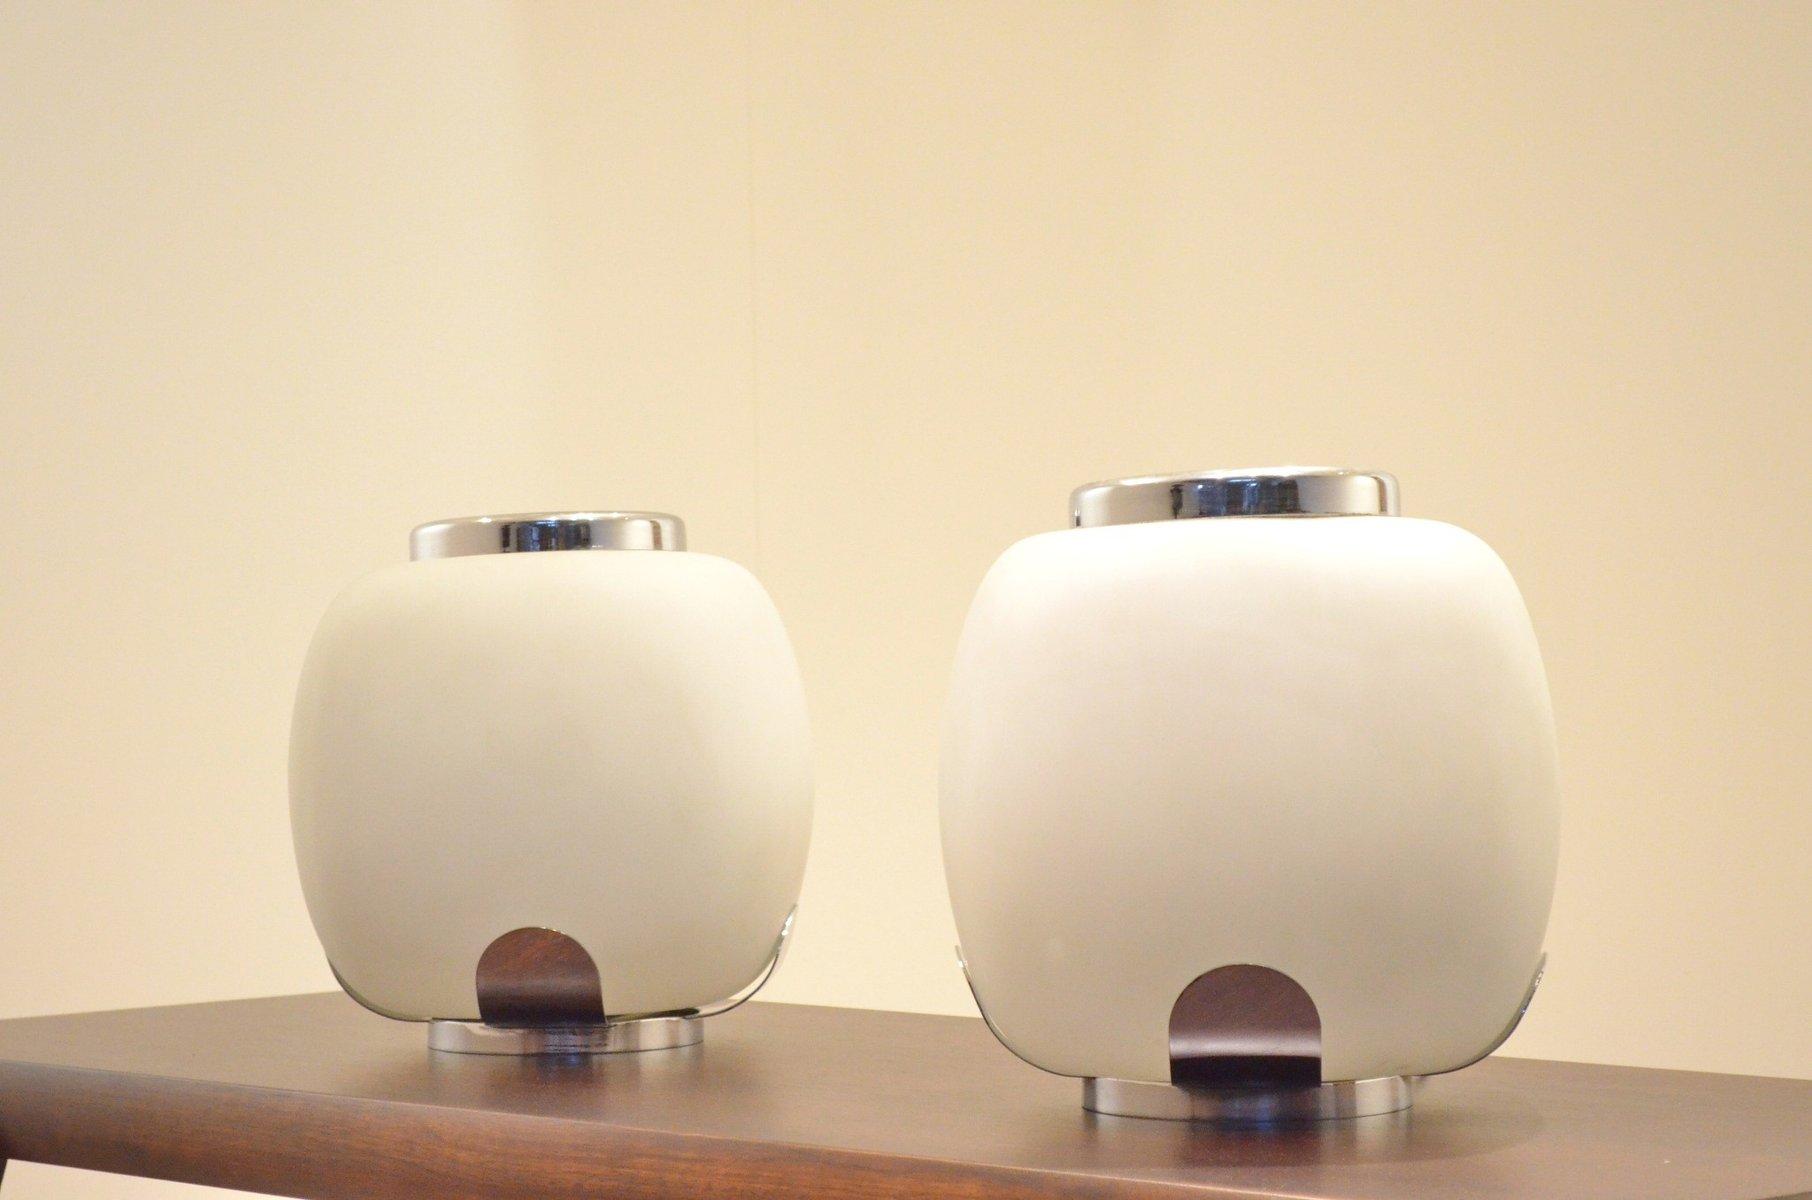 Milchglas & Chrom Blumenvasen Lampen von Alfredo Barbini, 2er Set